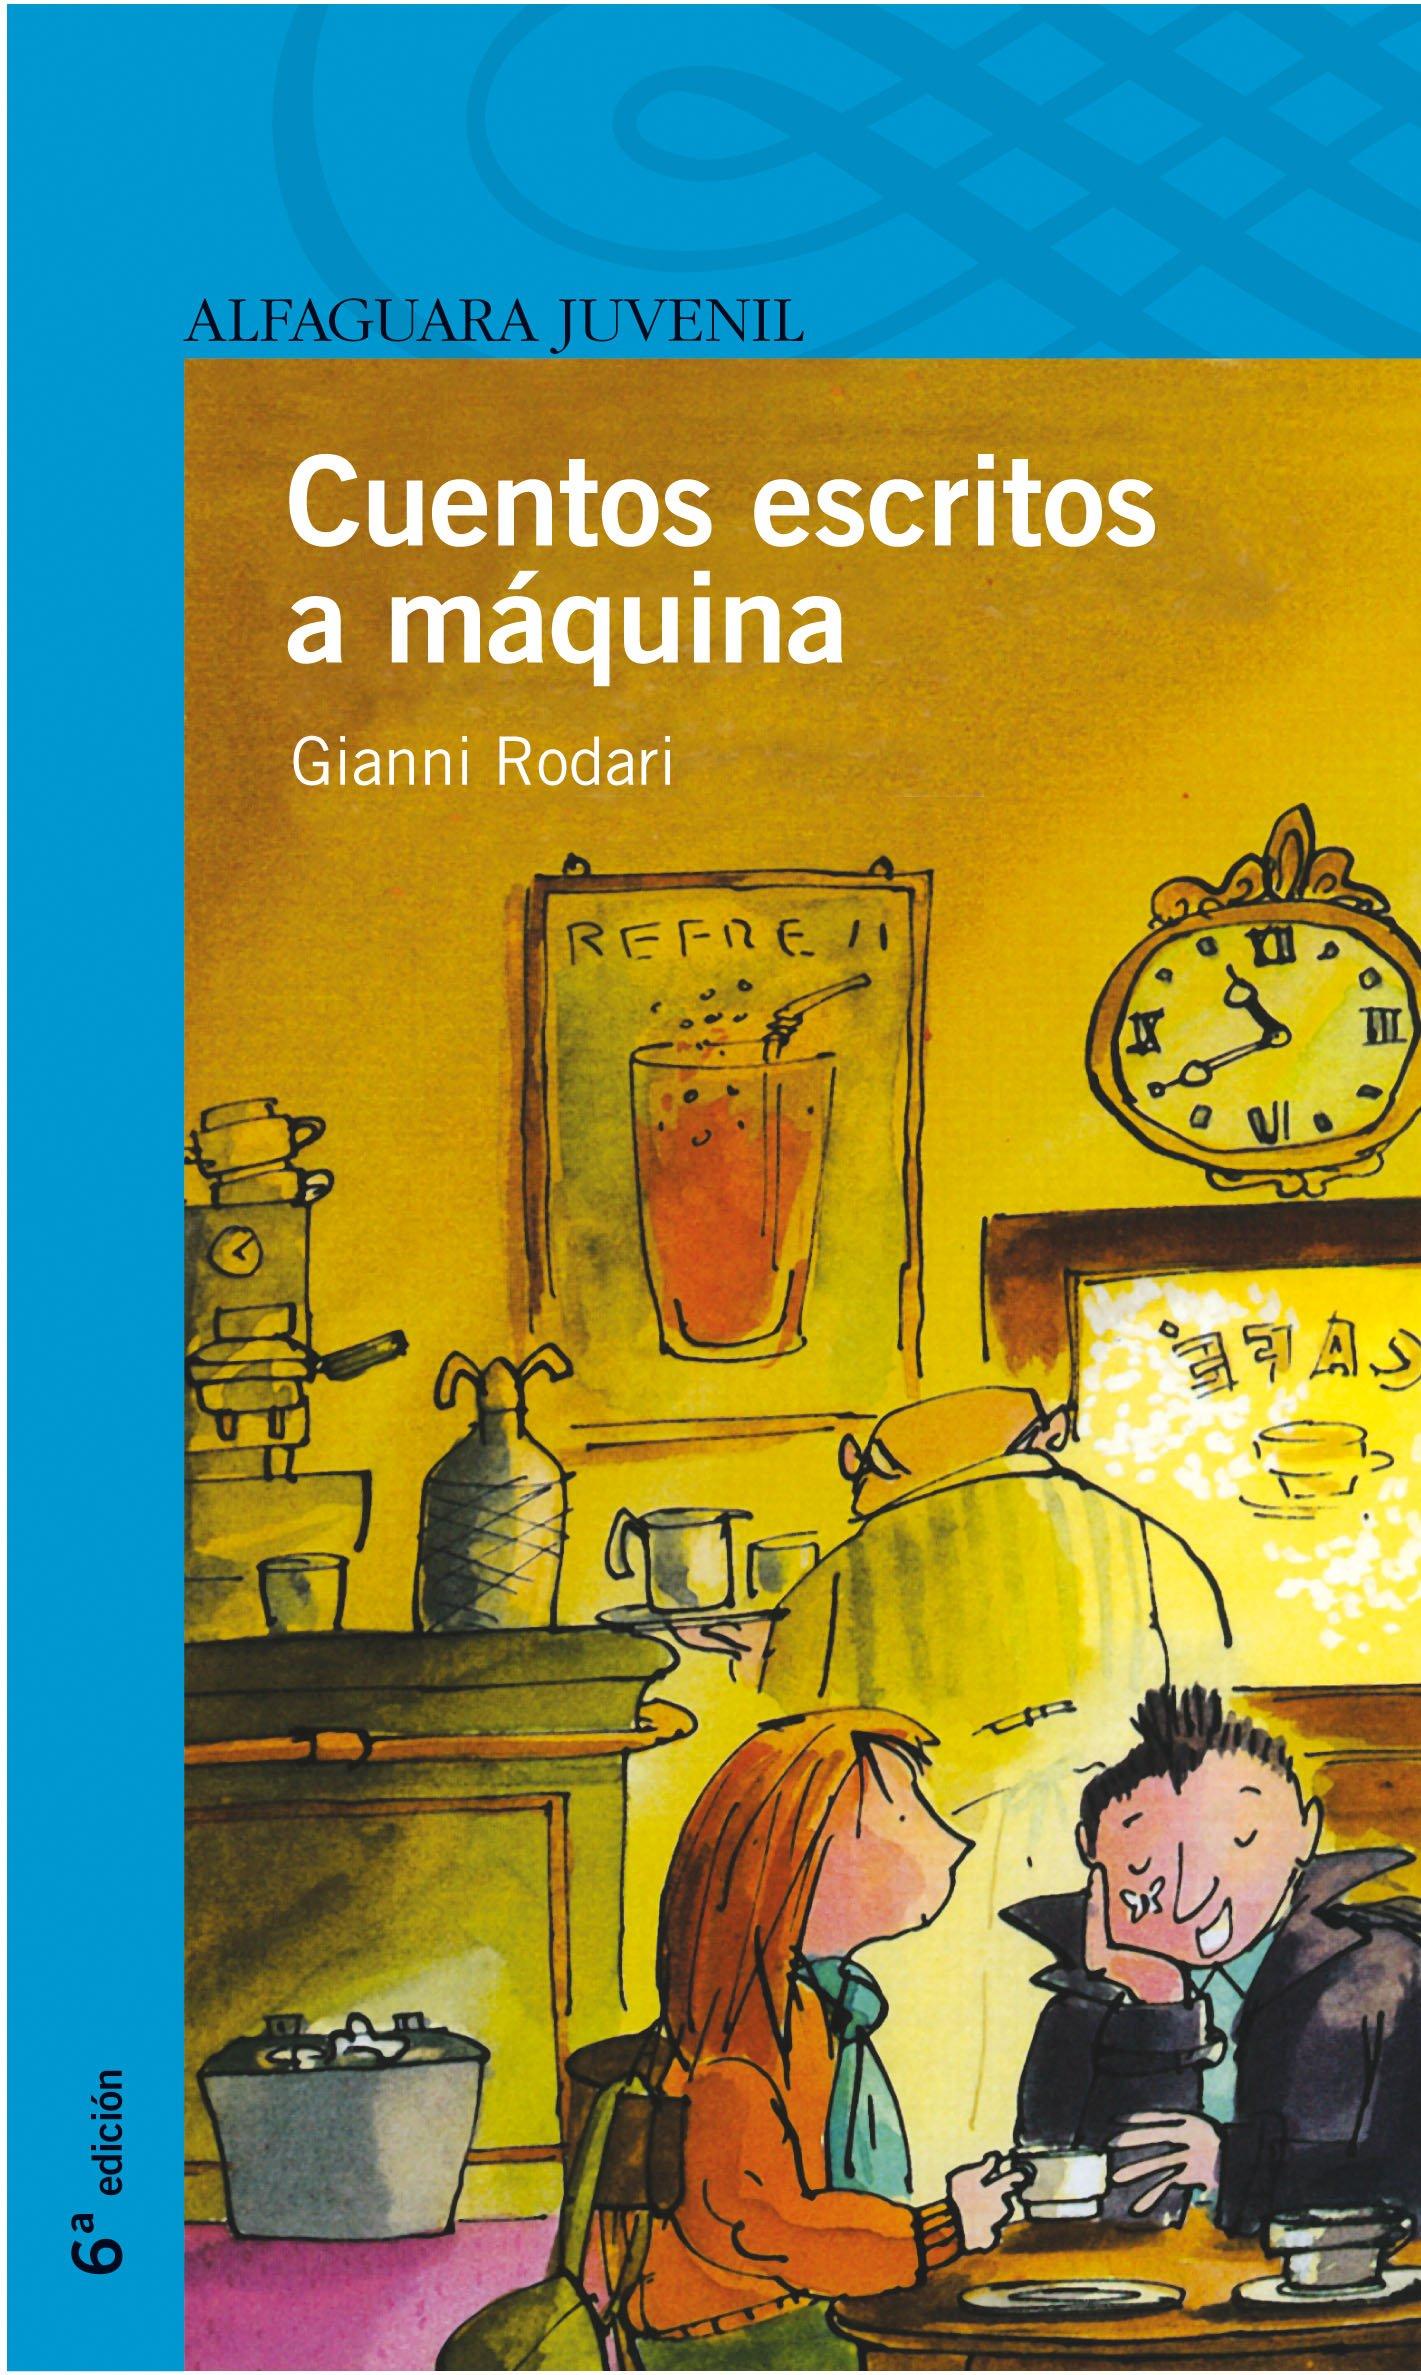 Cuentos escritos a máquina Serie Azul. A partir de 12 años: Amazon.es: Gianni Rodari, Esther Benítez: Libros